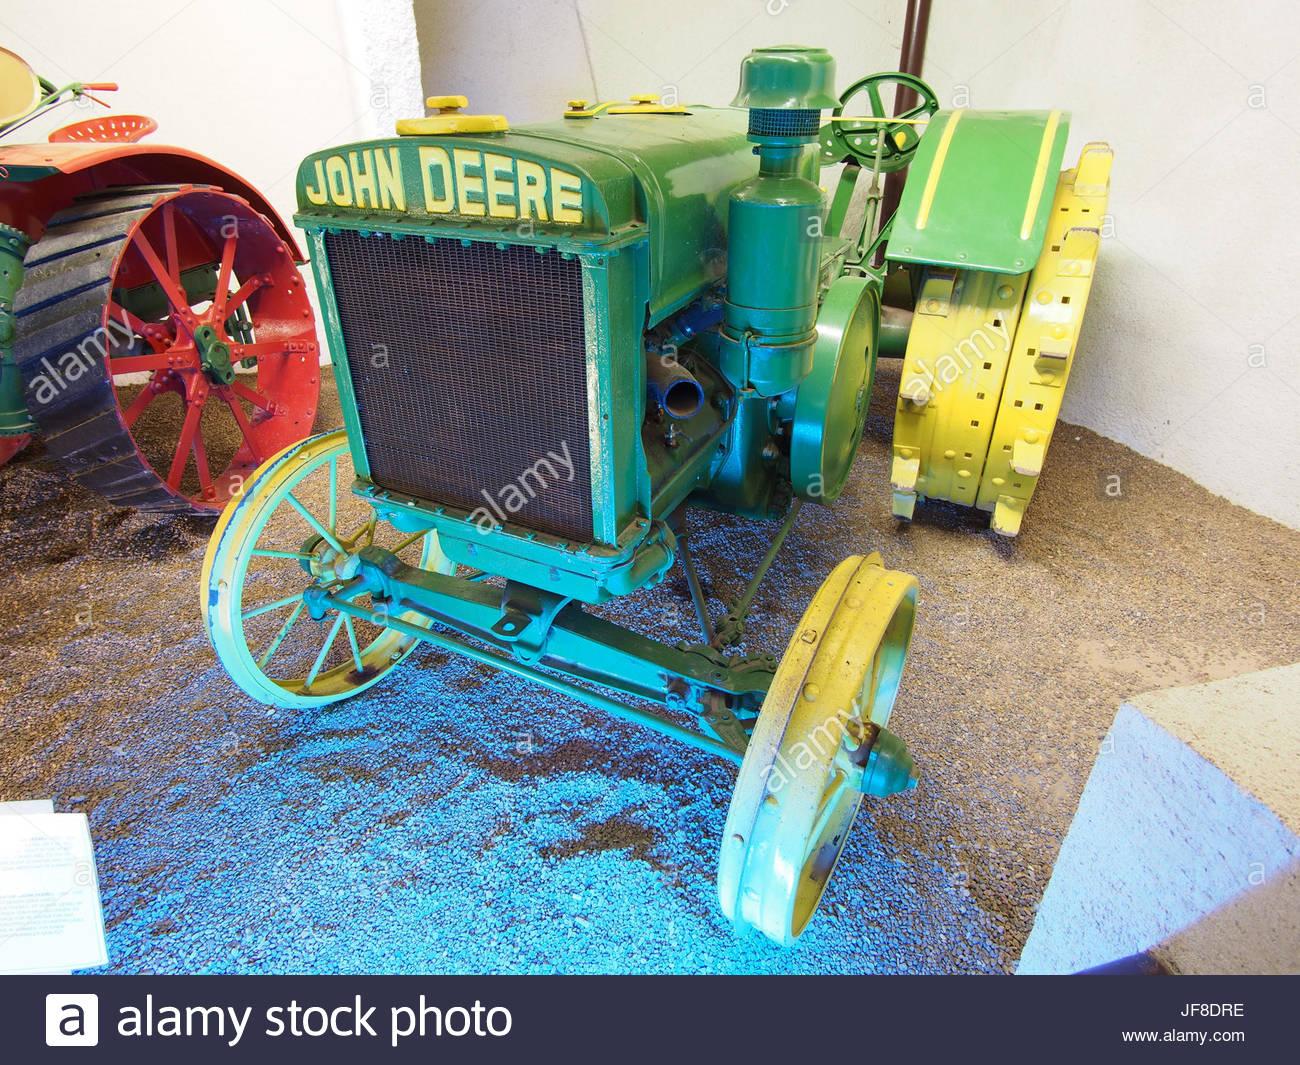 1929 Tracteur John Deere, Musée Maurice Dufresne Photo 2 à Image Tracteur John Deere